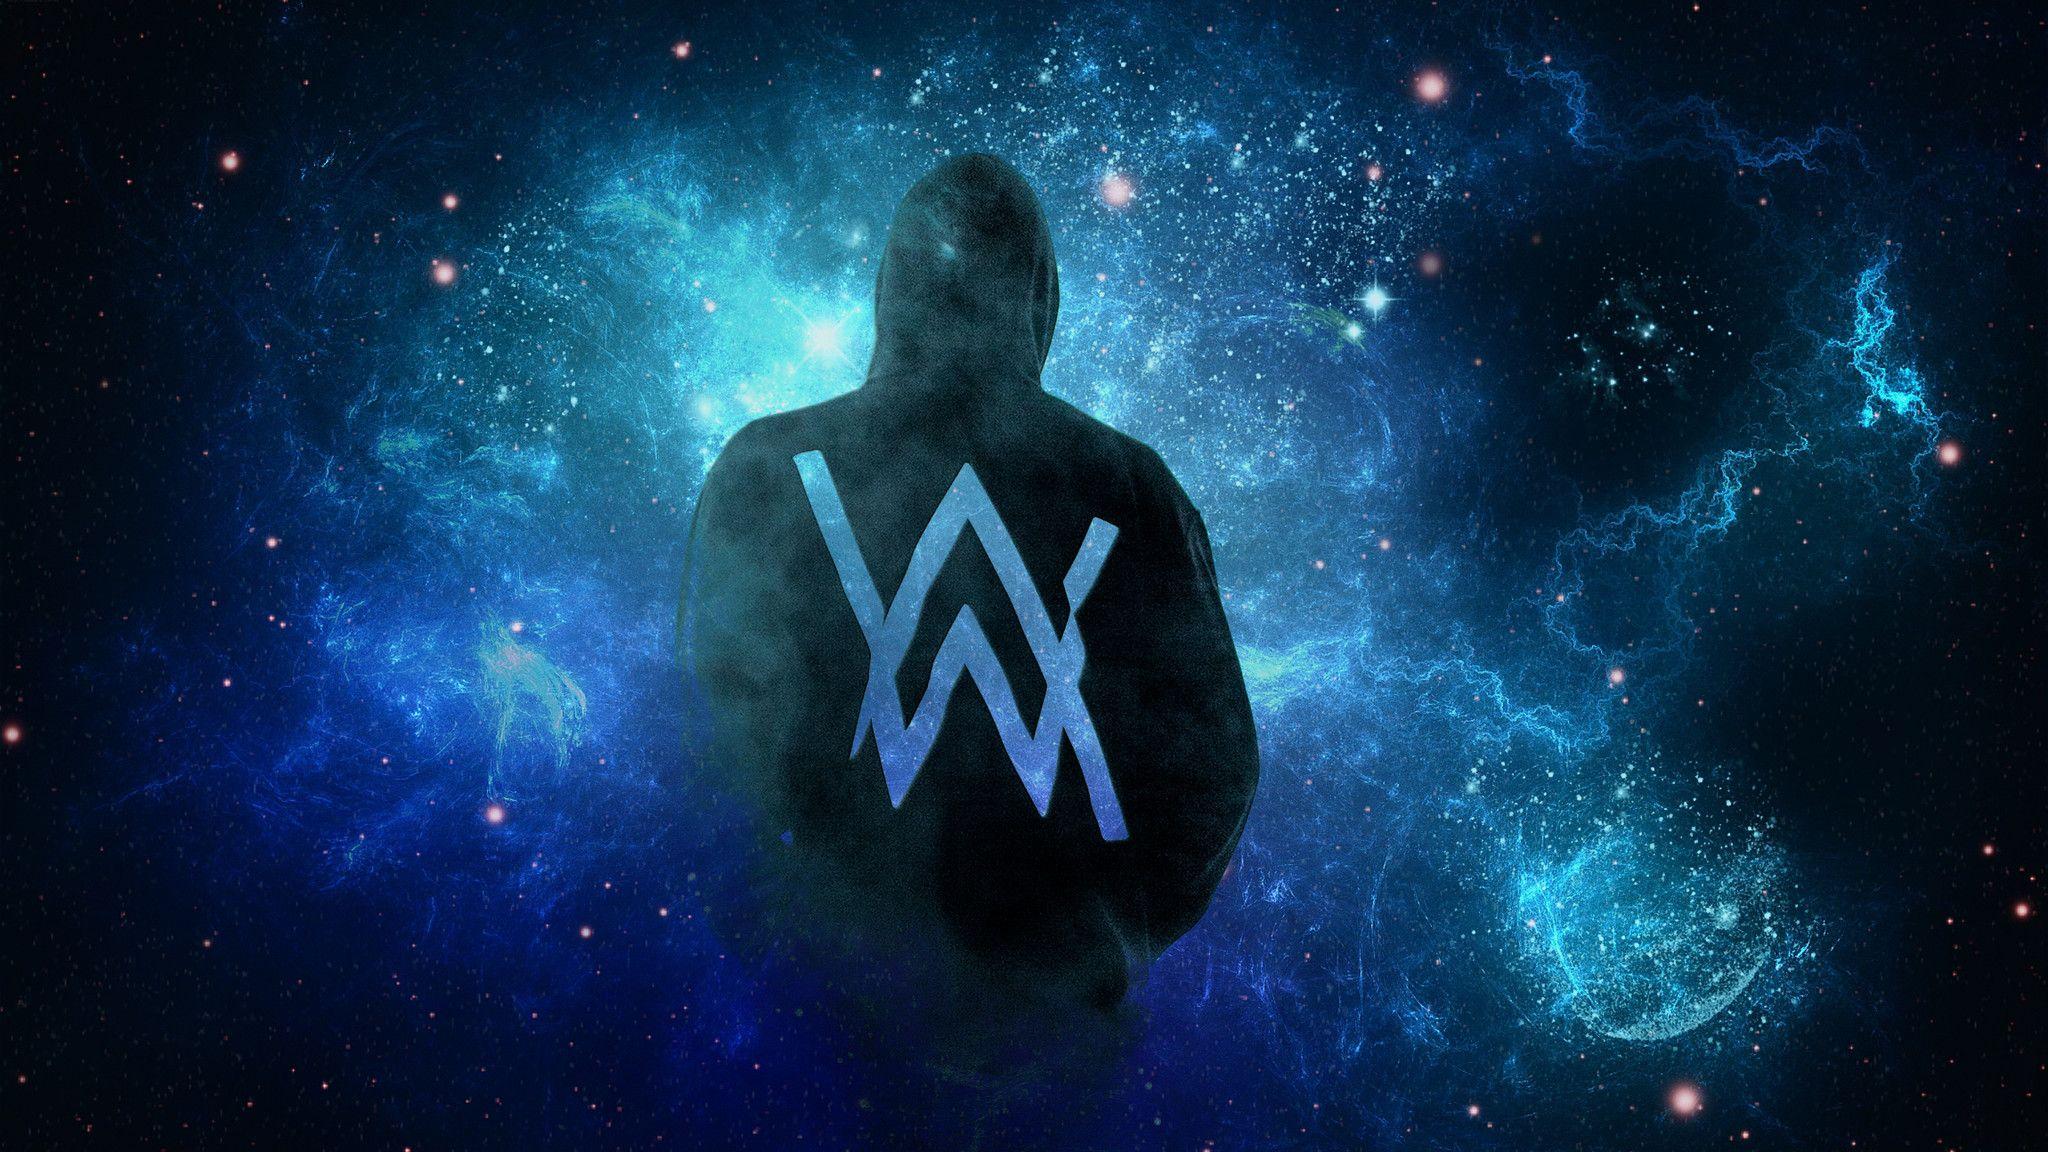 Alan Walker In 2048x1152 Resolution Walker Wallpaper Alan